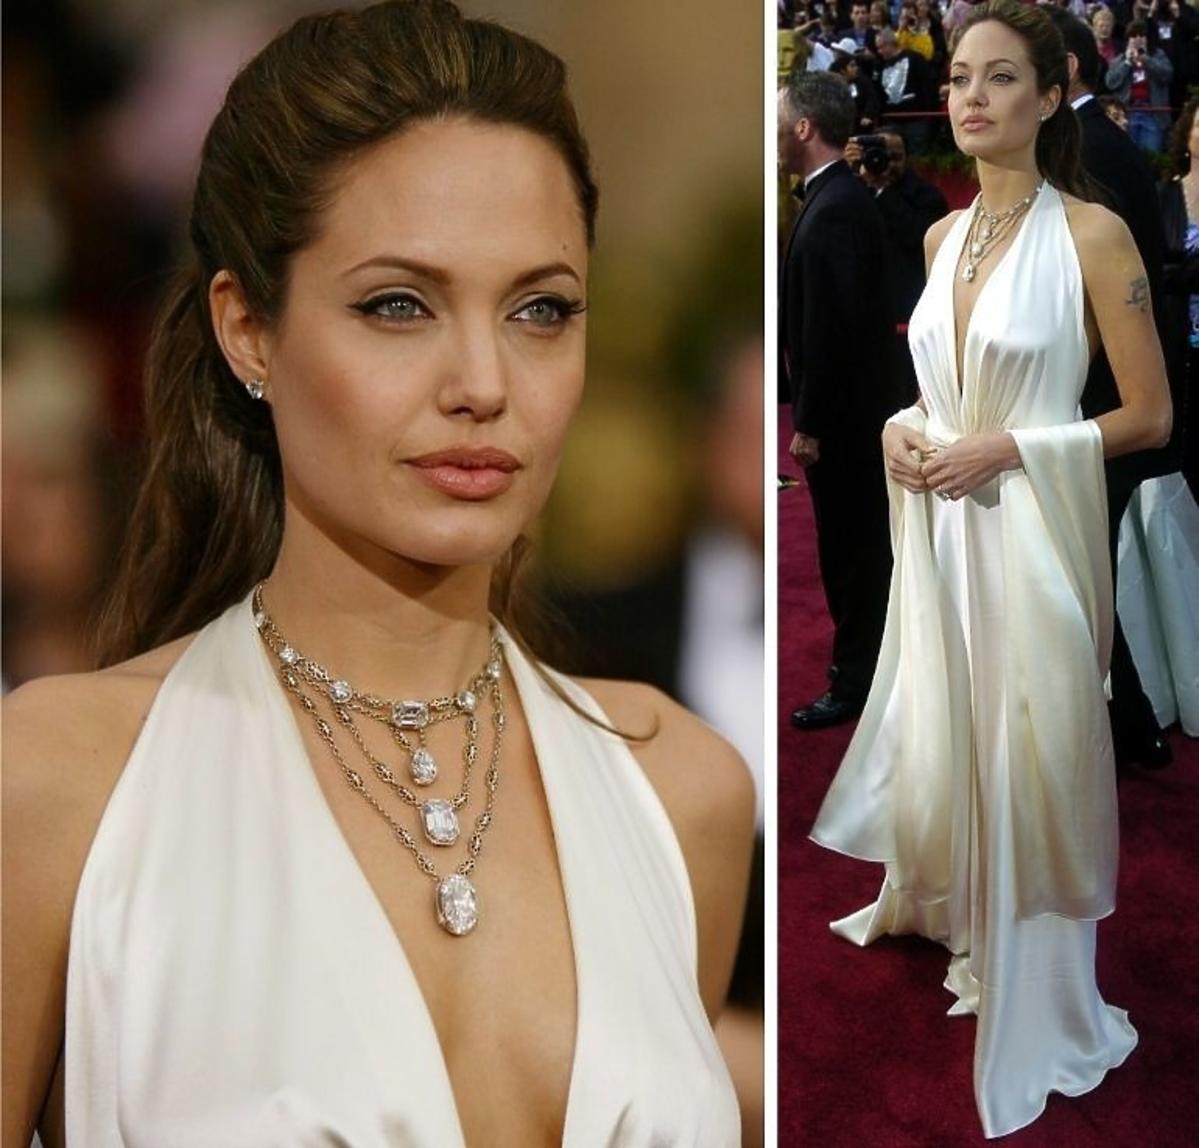 Angelina Jolie Oscary 2004 najlepsza suknia wszech czasów